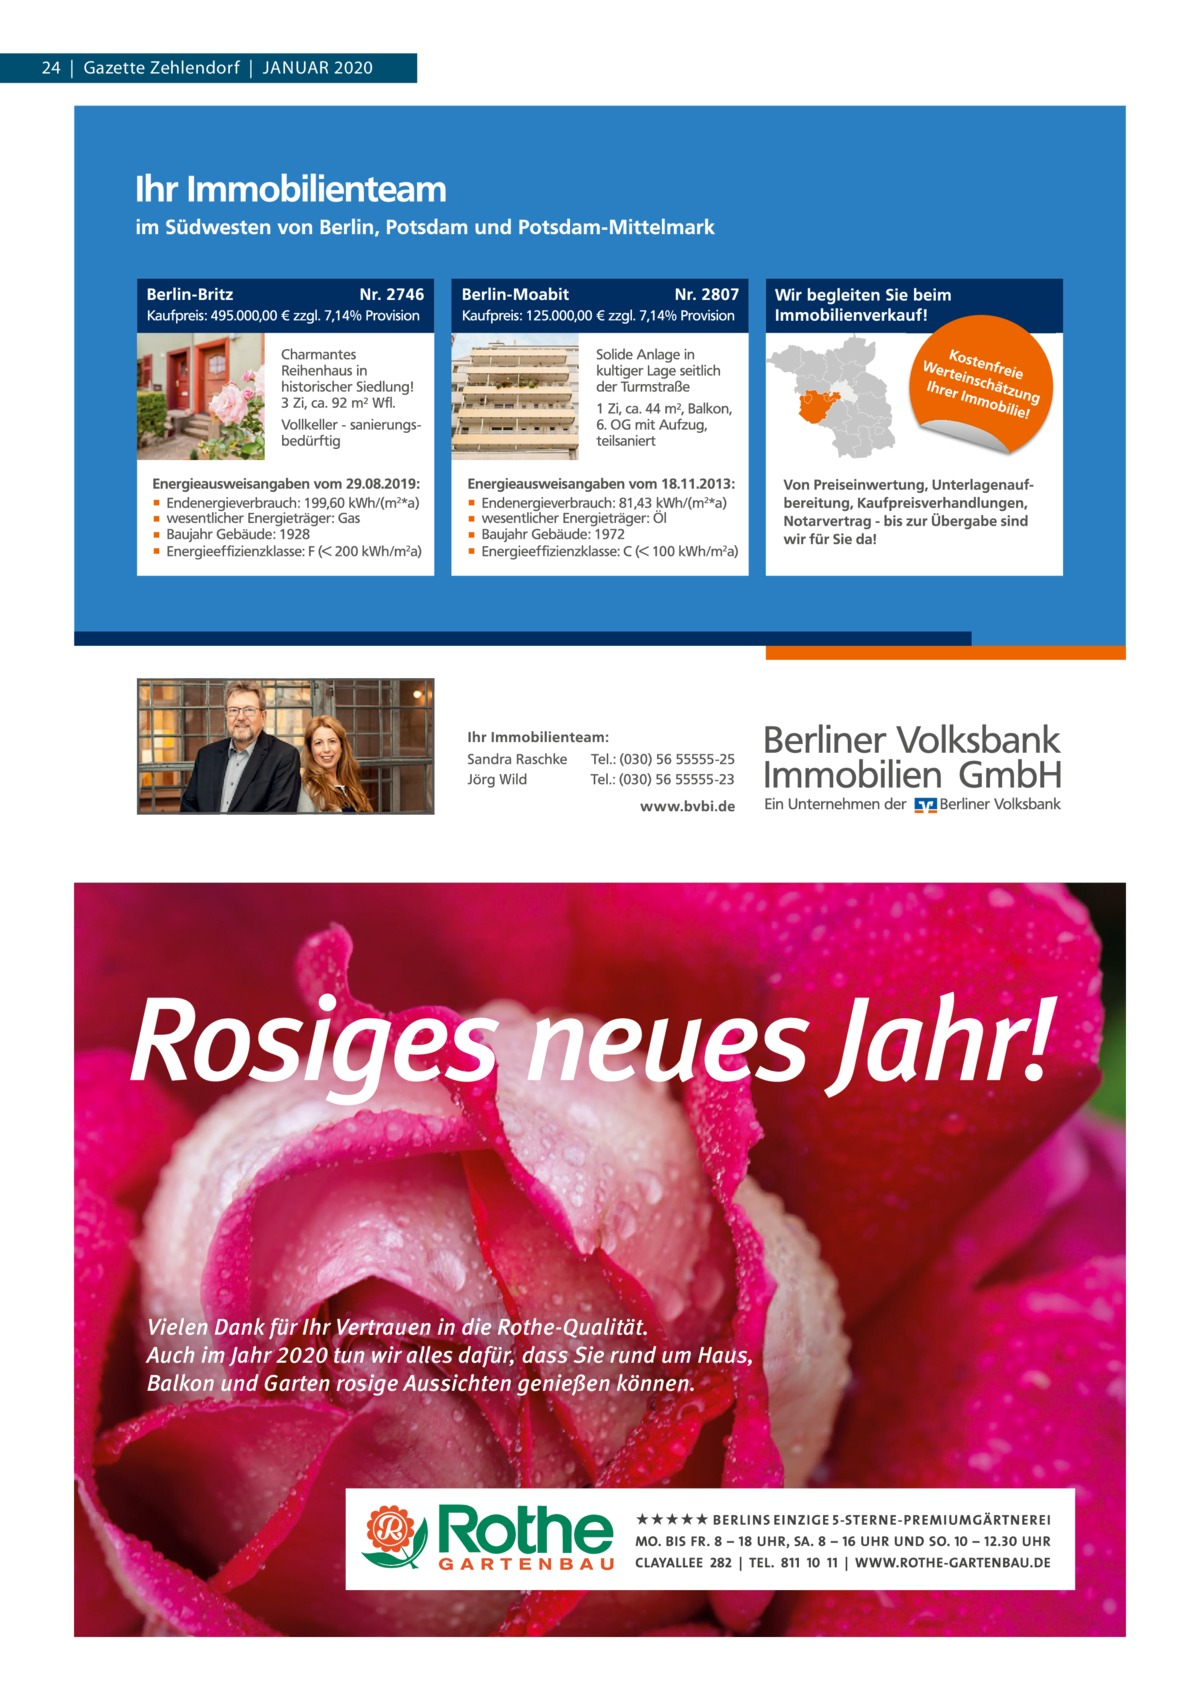 24|Gazette Zehlendorf|Januar 2020  Vielen Dank für Ihr Vertrauen in die Rothe-Qualität. Auch im Jahr 2020 tun wir alles dafür, dass Sie rund um Haus, Balkon und Garten rosige Aussichten genießen können.